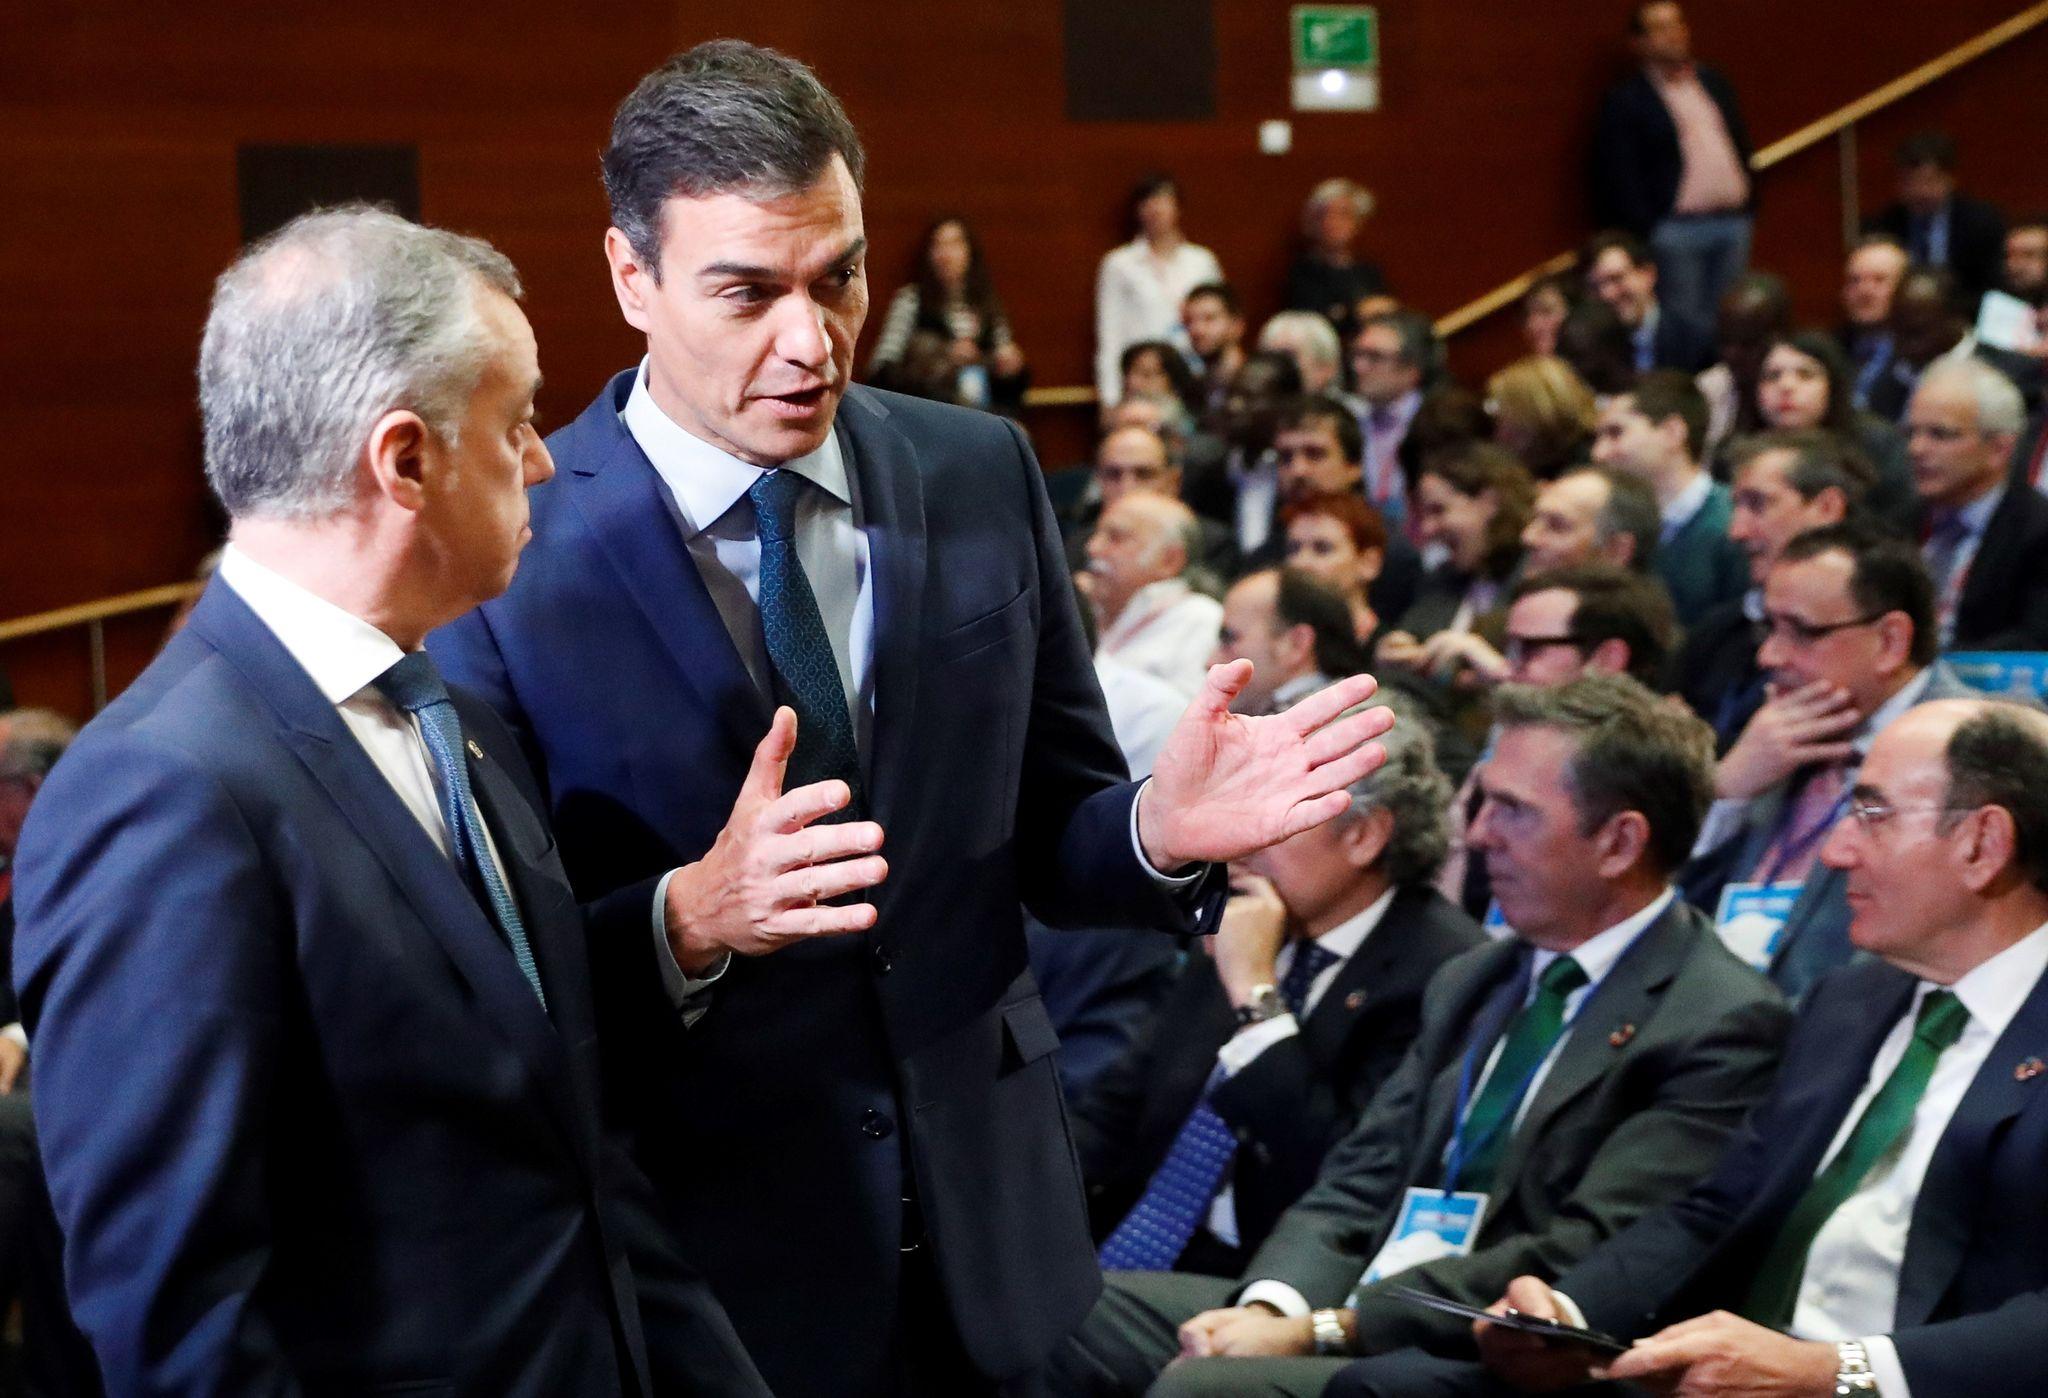 Urkullu y Sánchez conversan con Galán sentado entre el público.